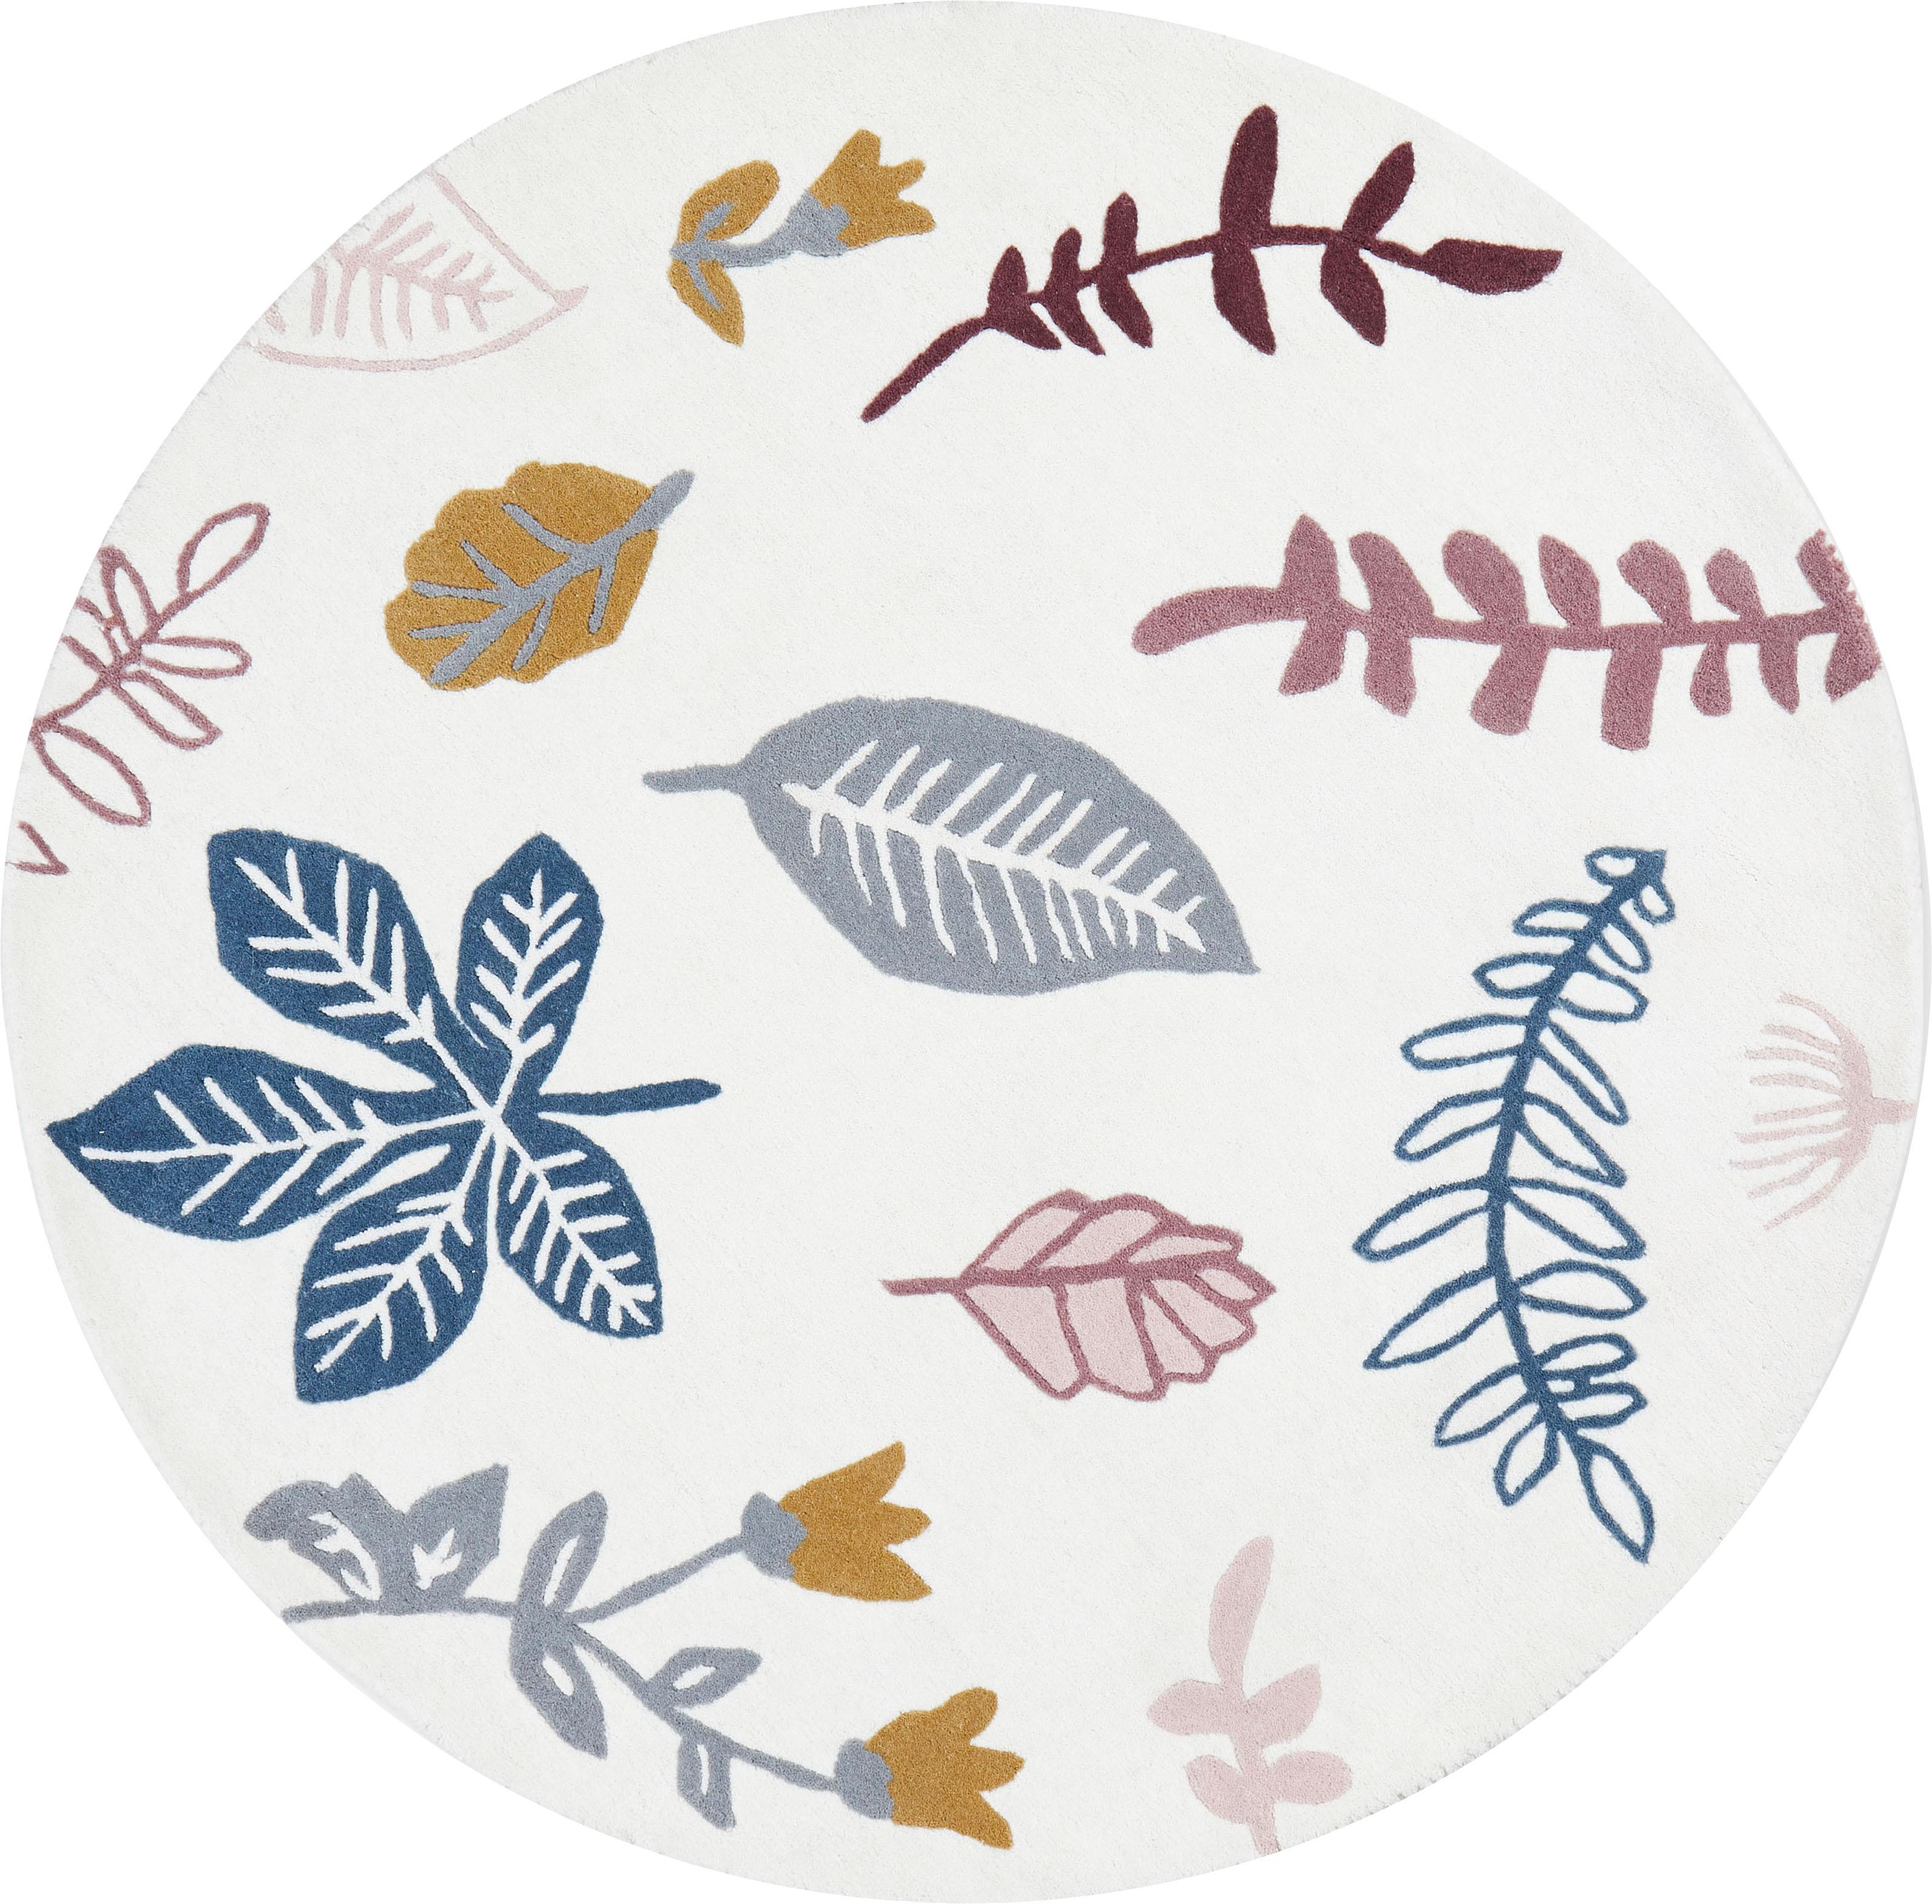 Wollen vloerkleed Pressed Leaves, Wol, Crèmekleurig, roze, blauw, grijs, geel, Ø 110 cm